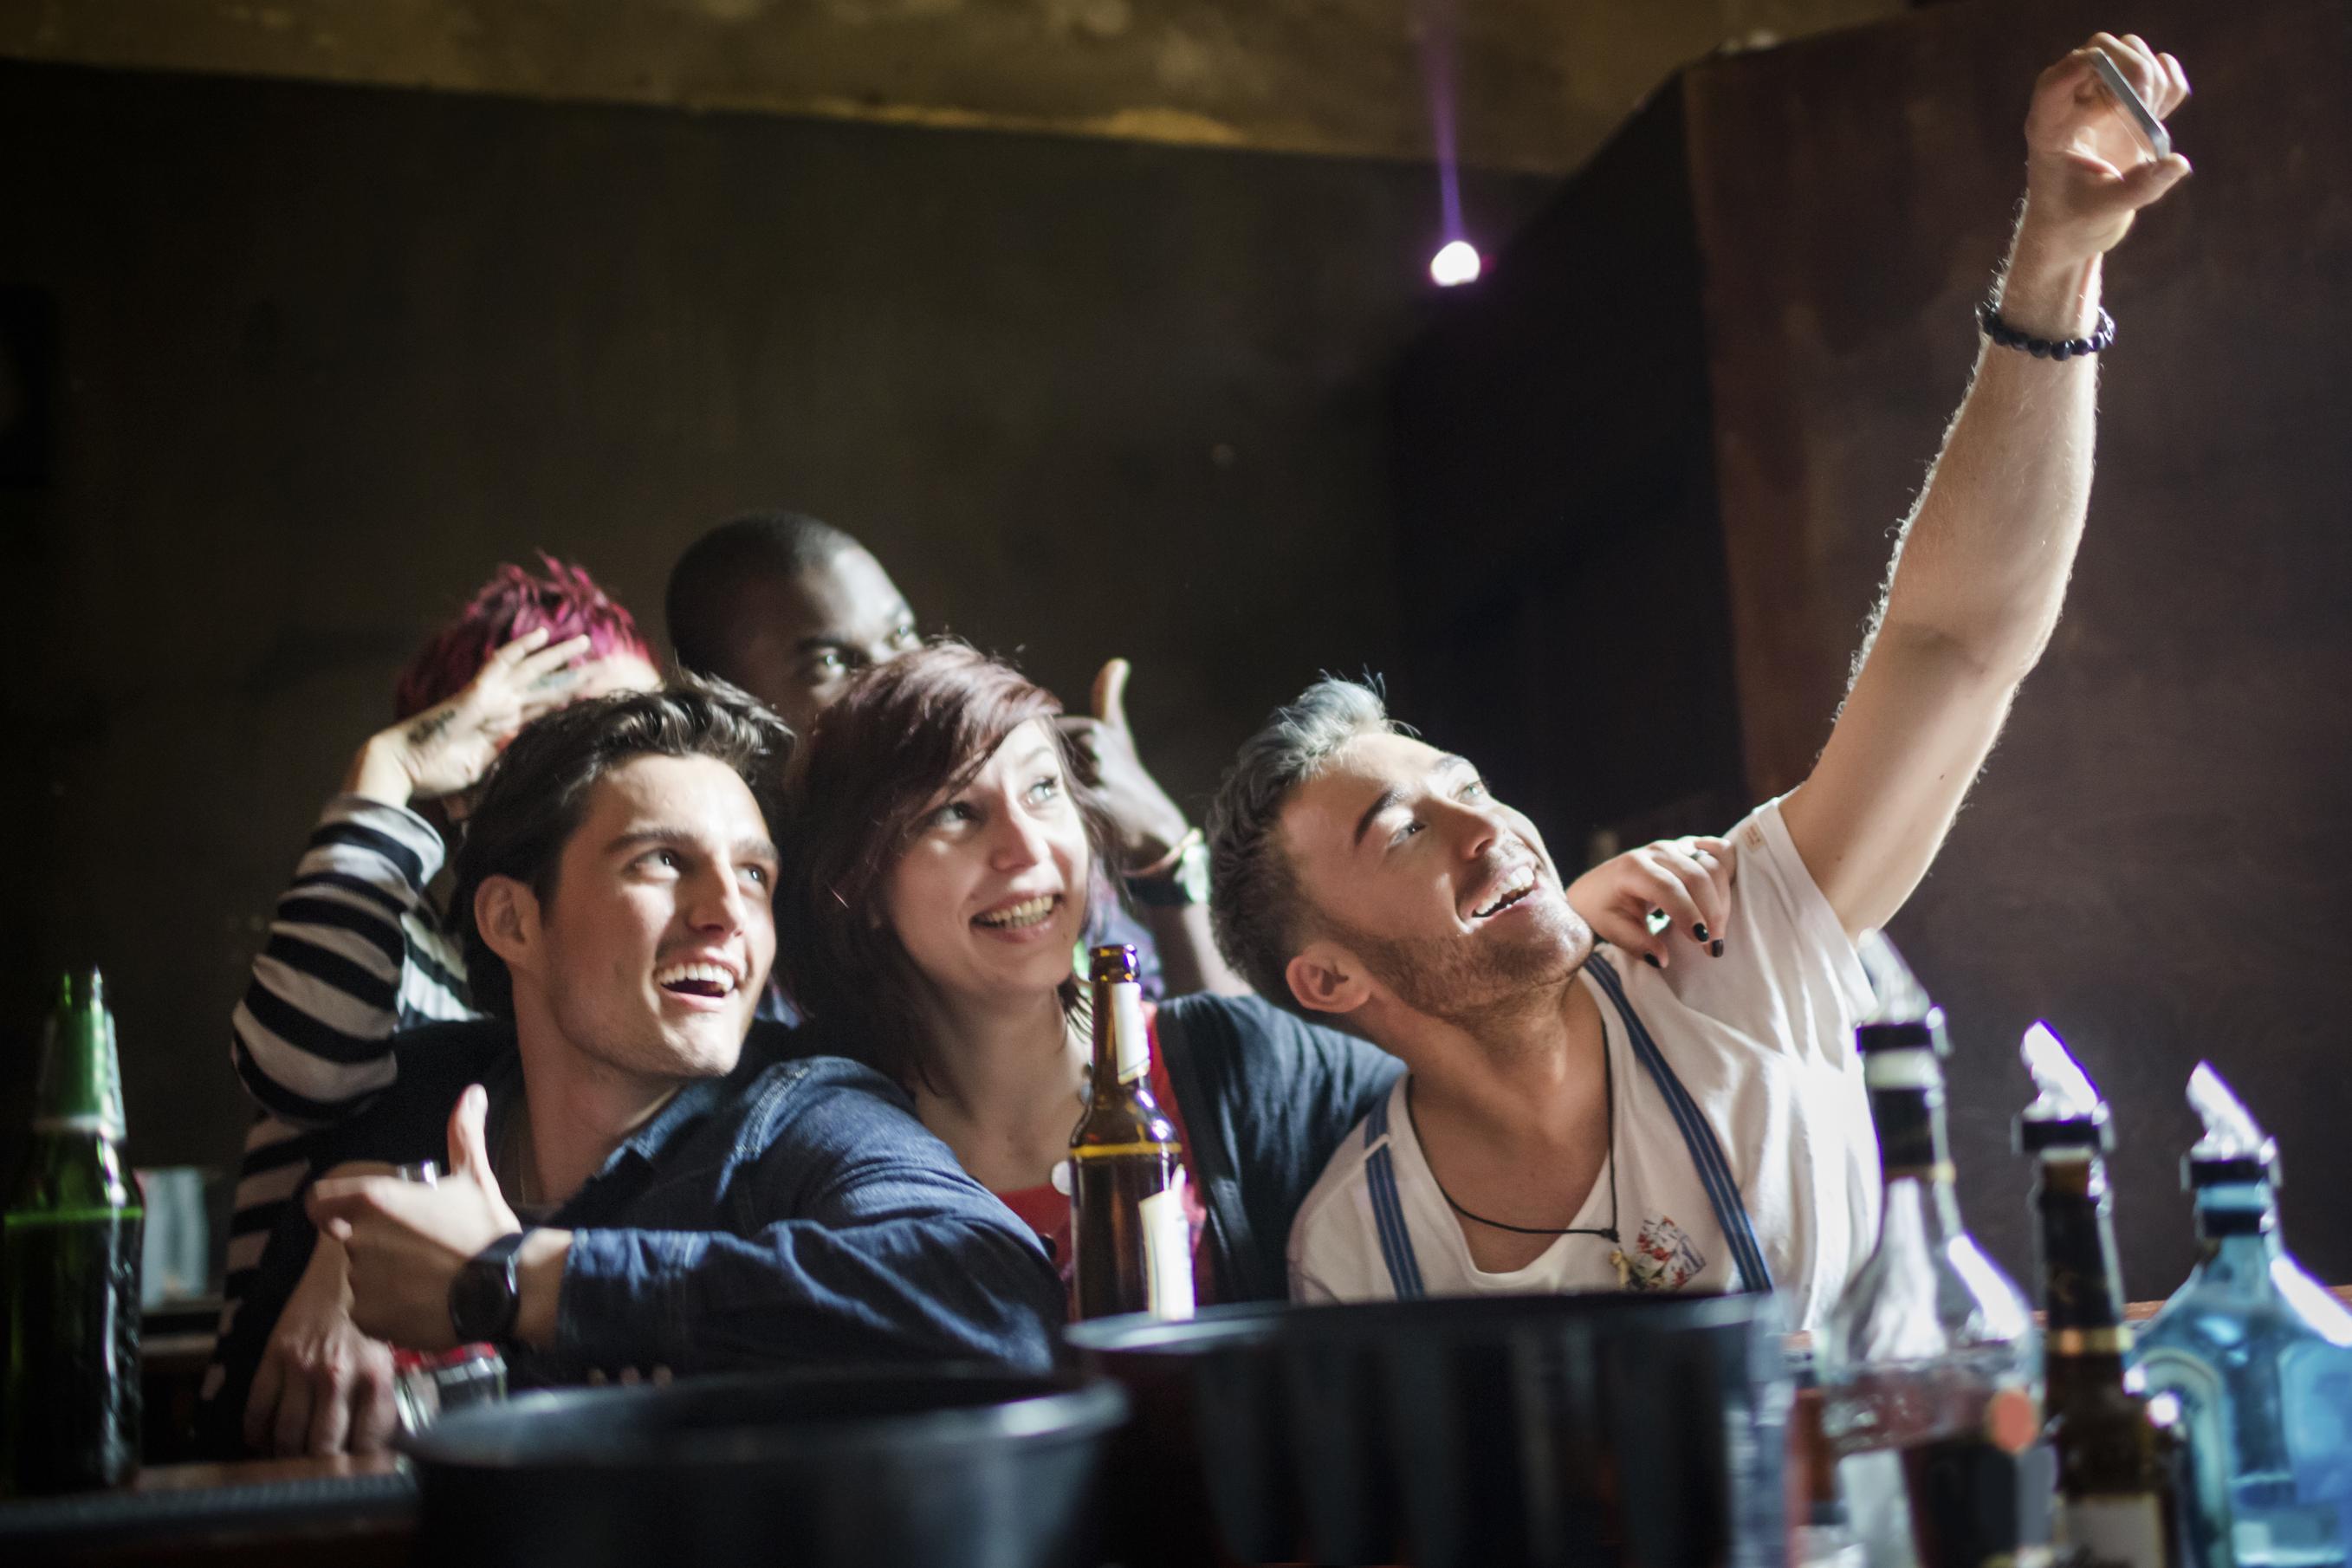 Saídas à noite: divirta-se sem gastar muito